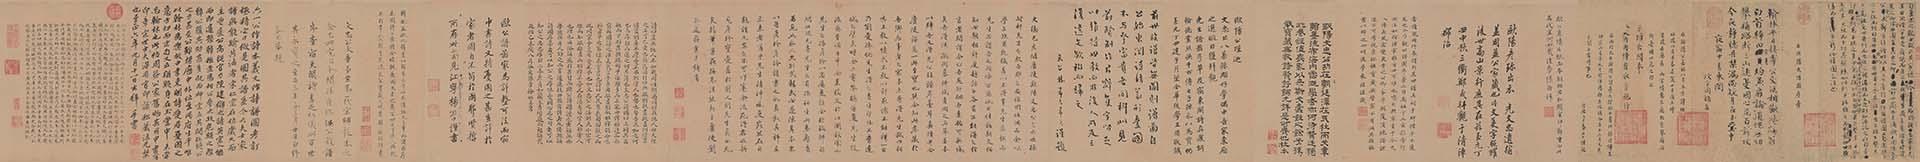 唐 欧阳询 卜商帖(全卷)纸本30.5x361北京故宫